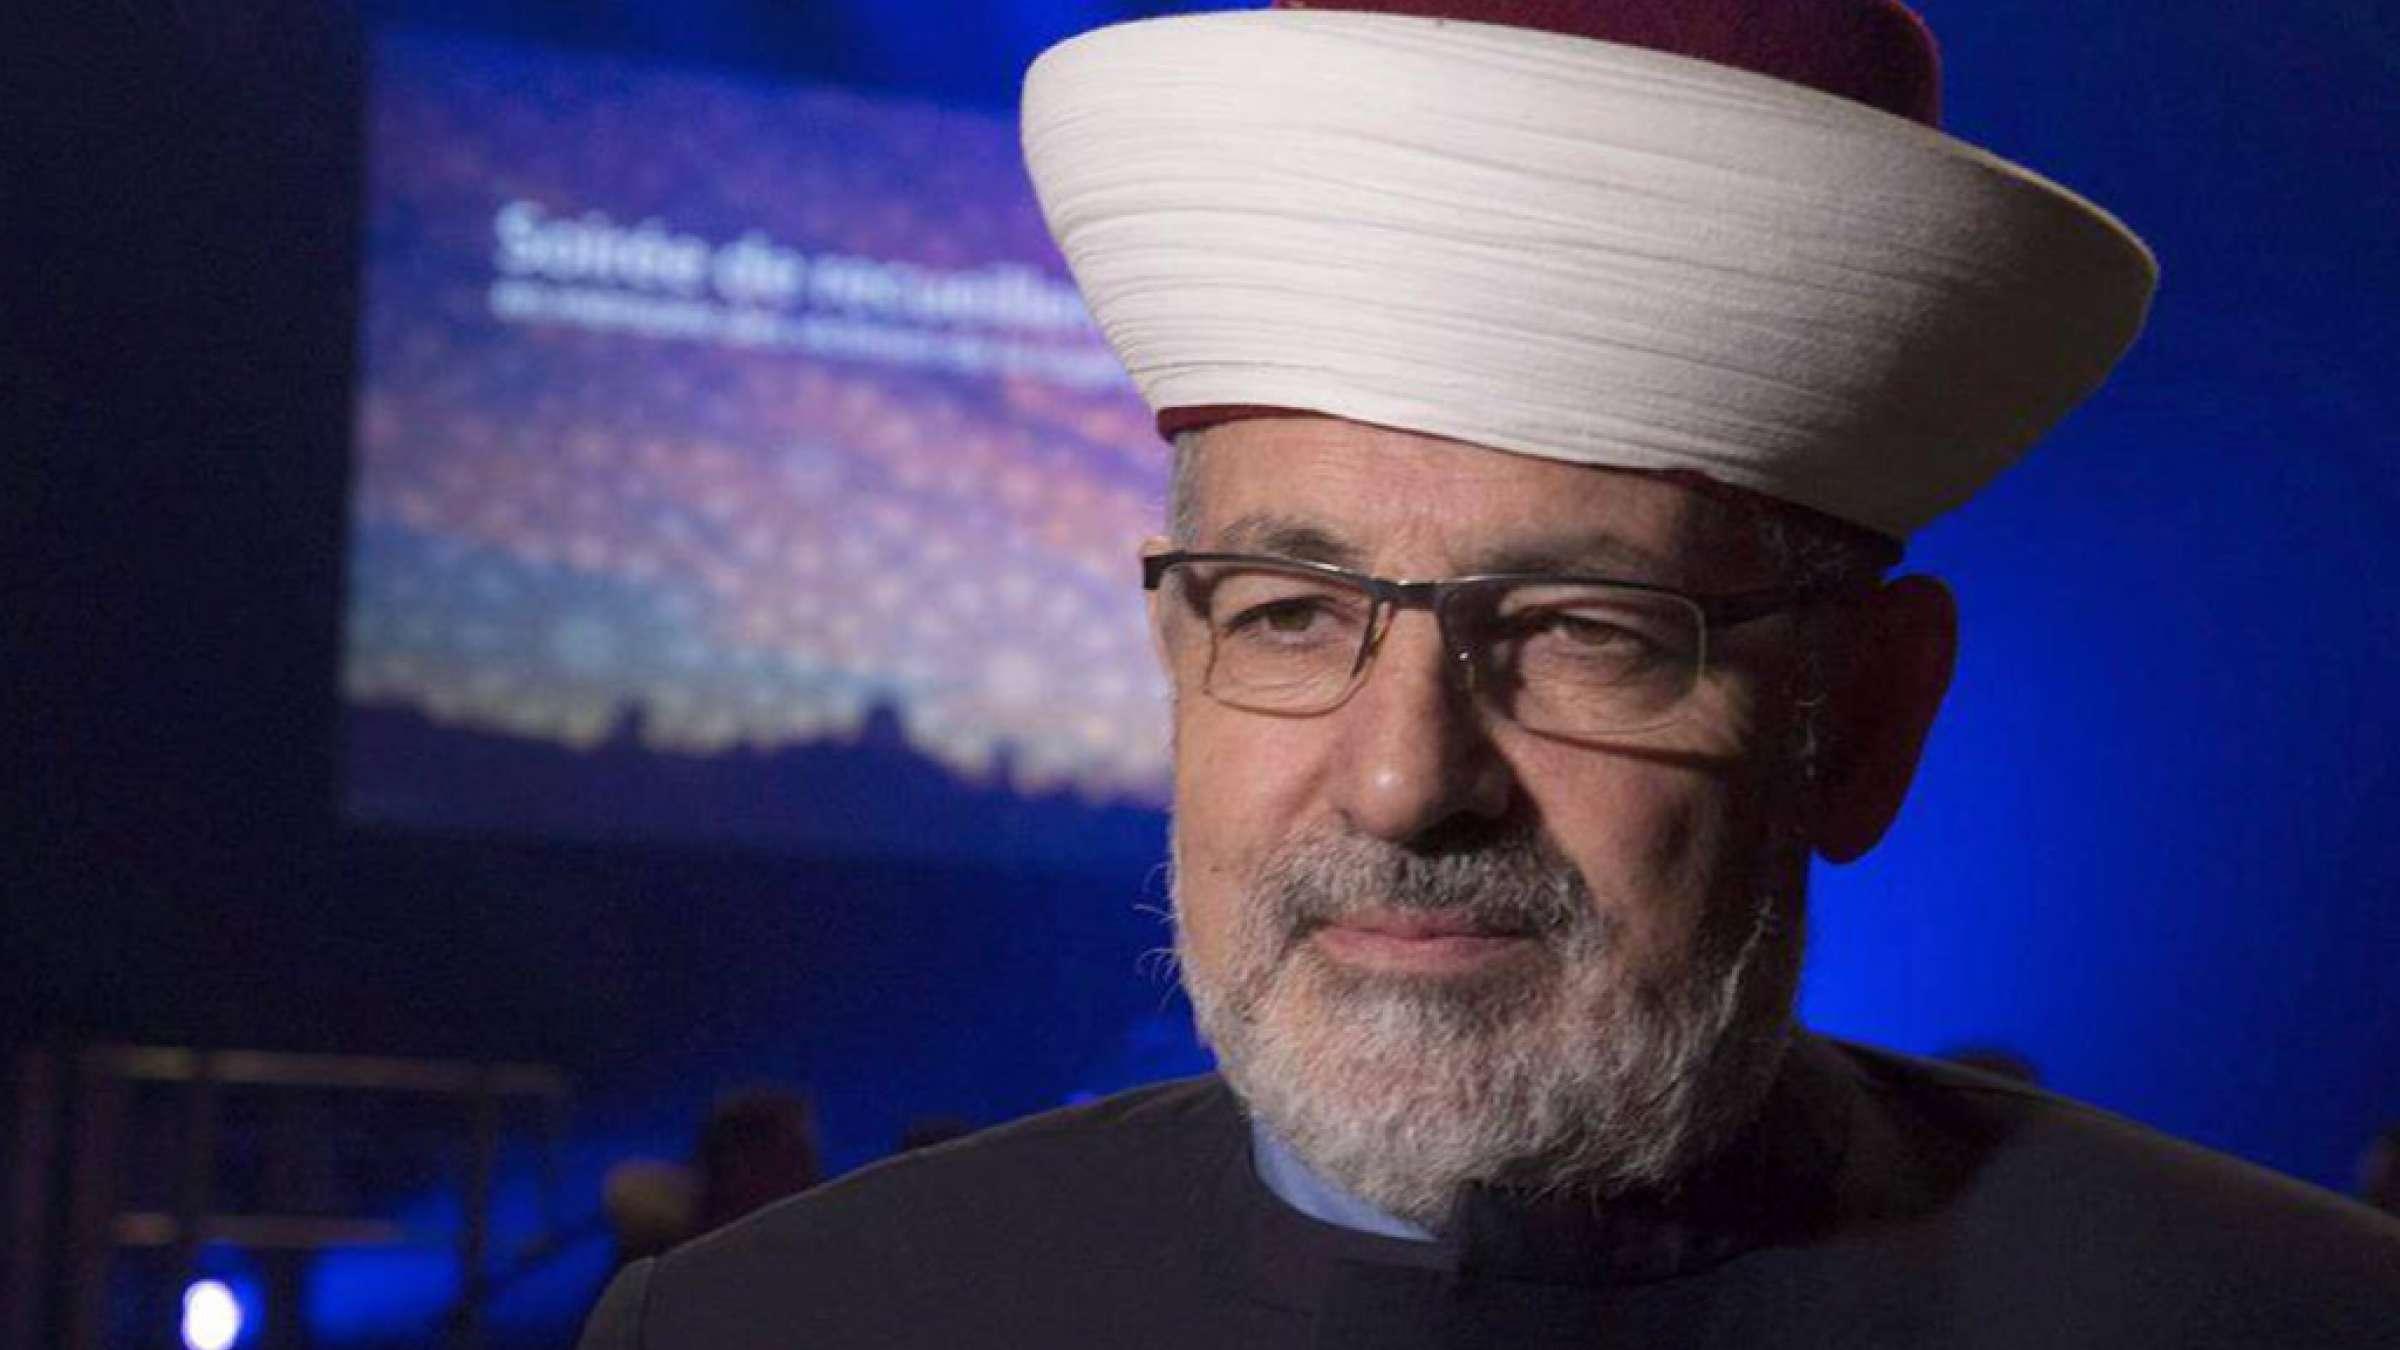 اخبار-کانادا-کاندیدای-لیبرال-مسلمان-کانادا-به-اتهام-ضد-یهودی-بودن-اخراج-شد